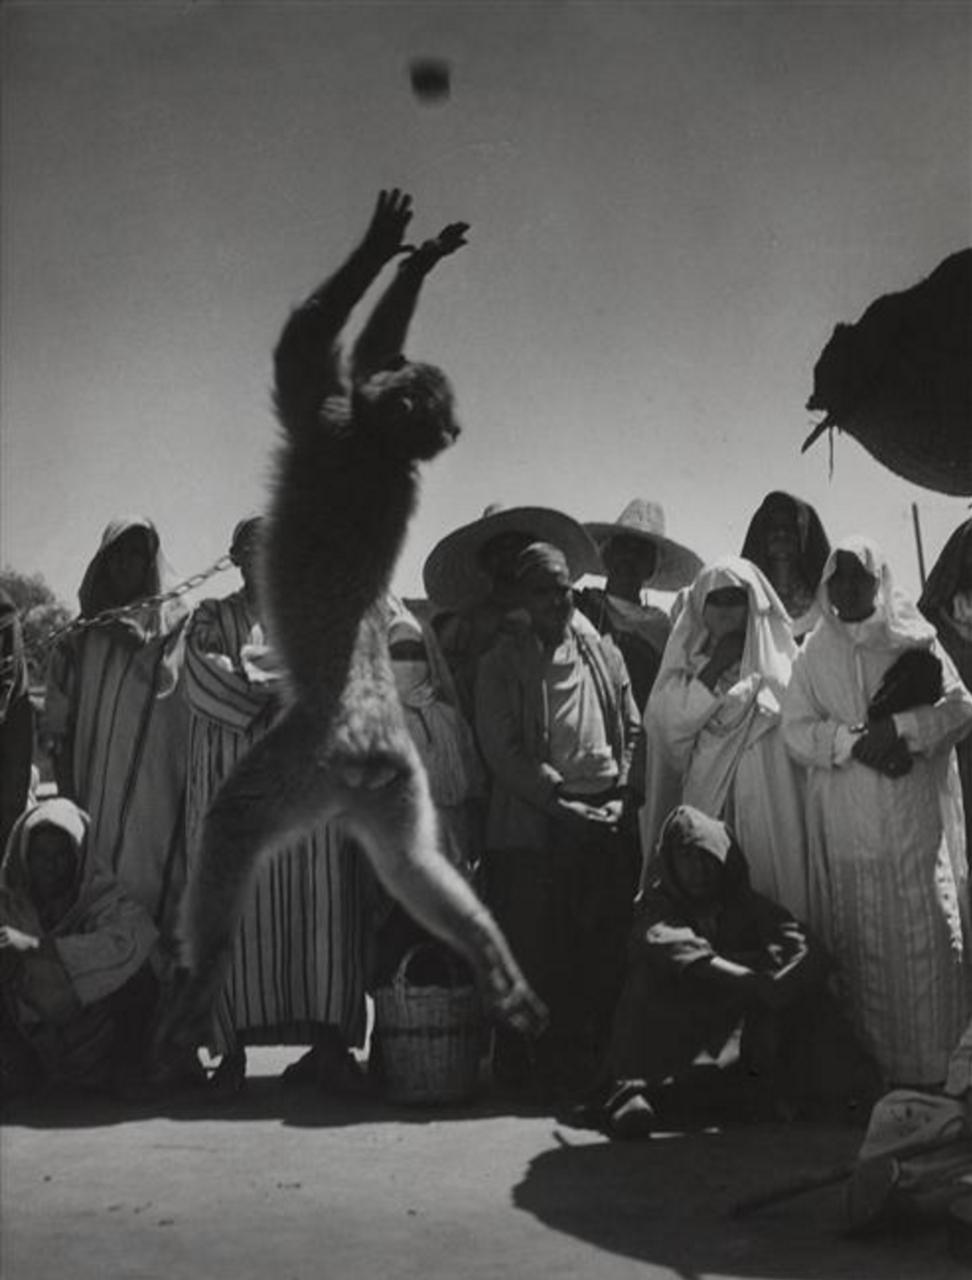 1951. Дрессированная обезьяна, Марракеш